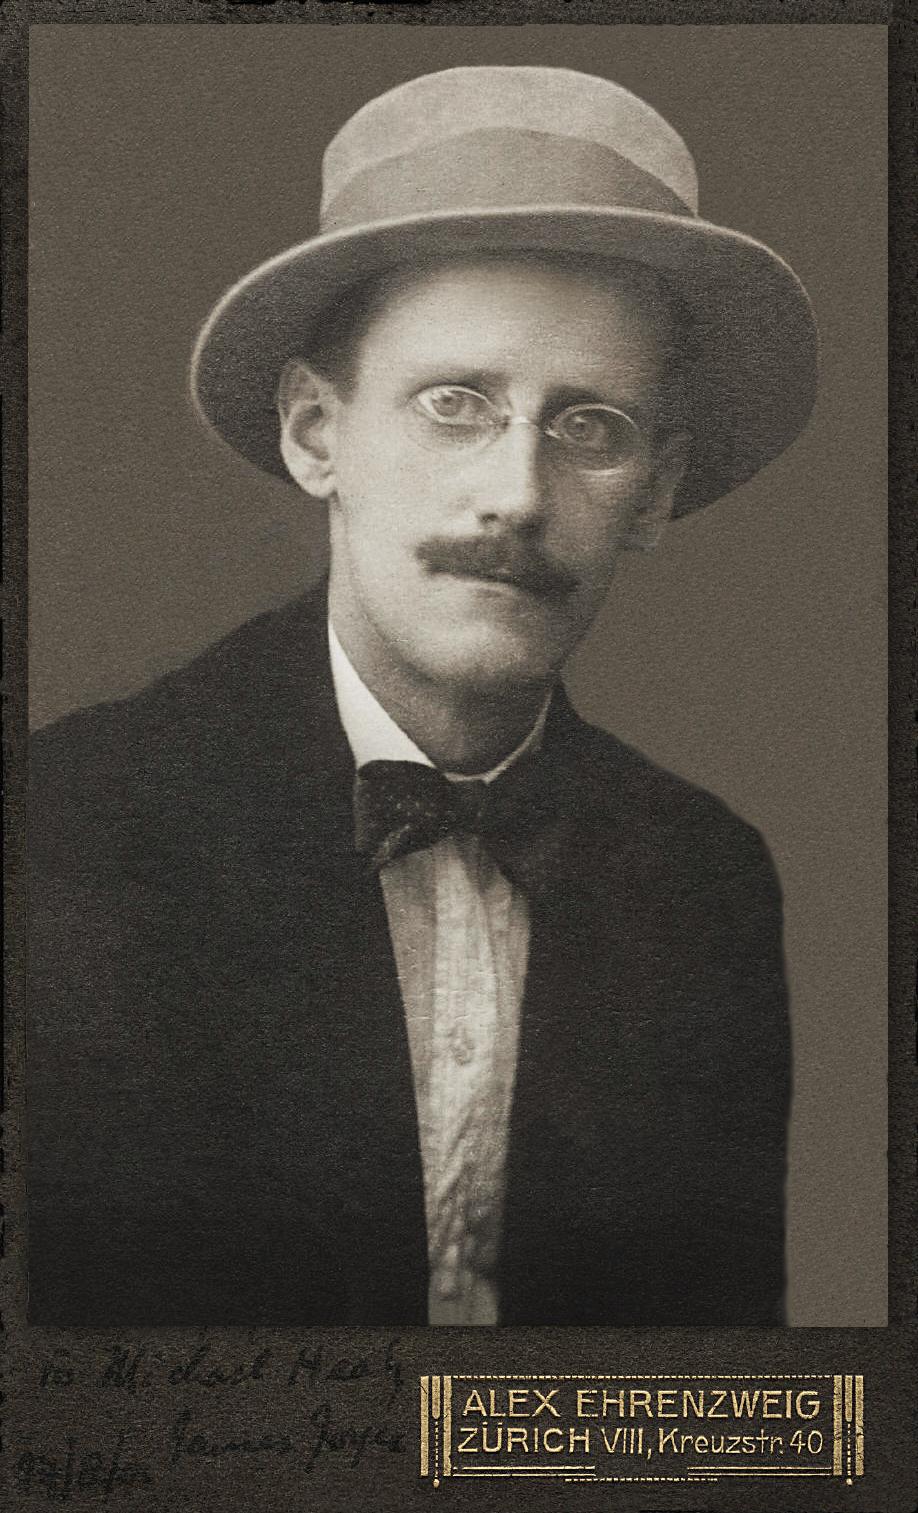 102 James_Joyce_by_Alex_Ehrenzweig,_1915_restored.jpg